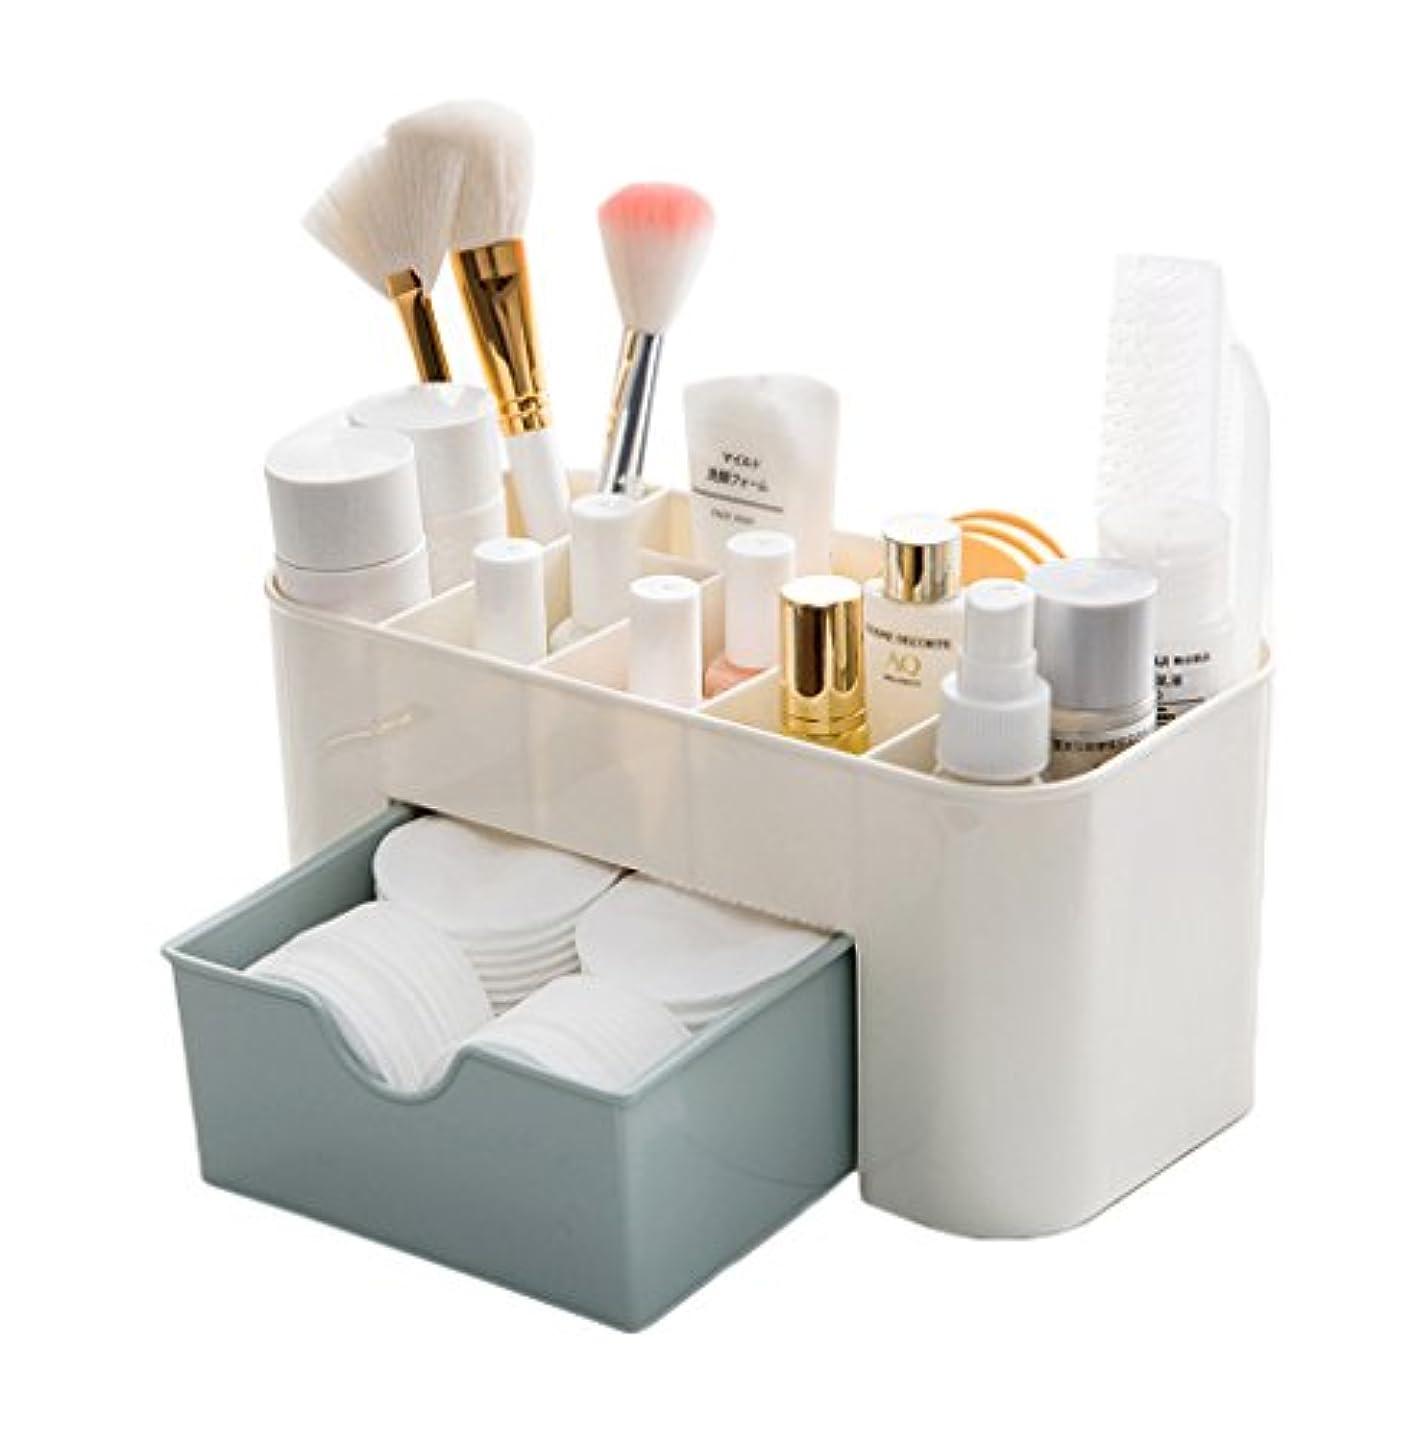 代数的等々最大のZUOMAメークボックス 化粧品収納ボックス コスメスタンド 引き出し式 メークケース 小物/化粧品入れ コスメ収納 透明アクリル 大容量 (ブルー, 22*10*10.3CM)